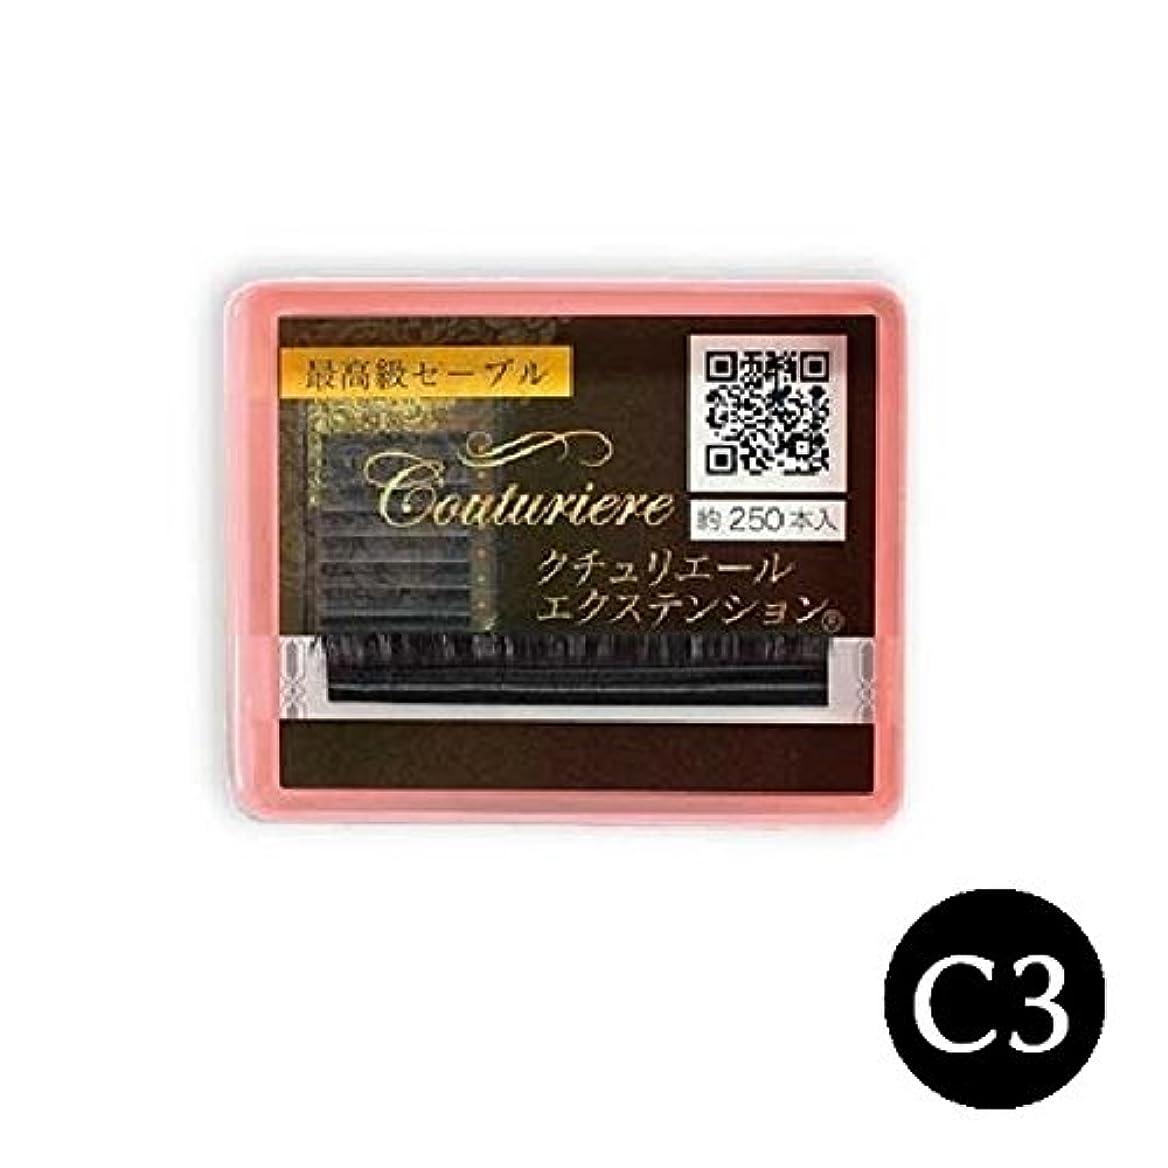 うねる融合既にまつげエクステ マツエク クチュリエール C3カール (1列) (0.18mm 10mm)